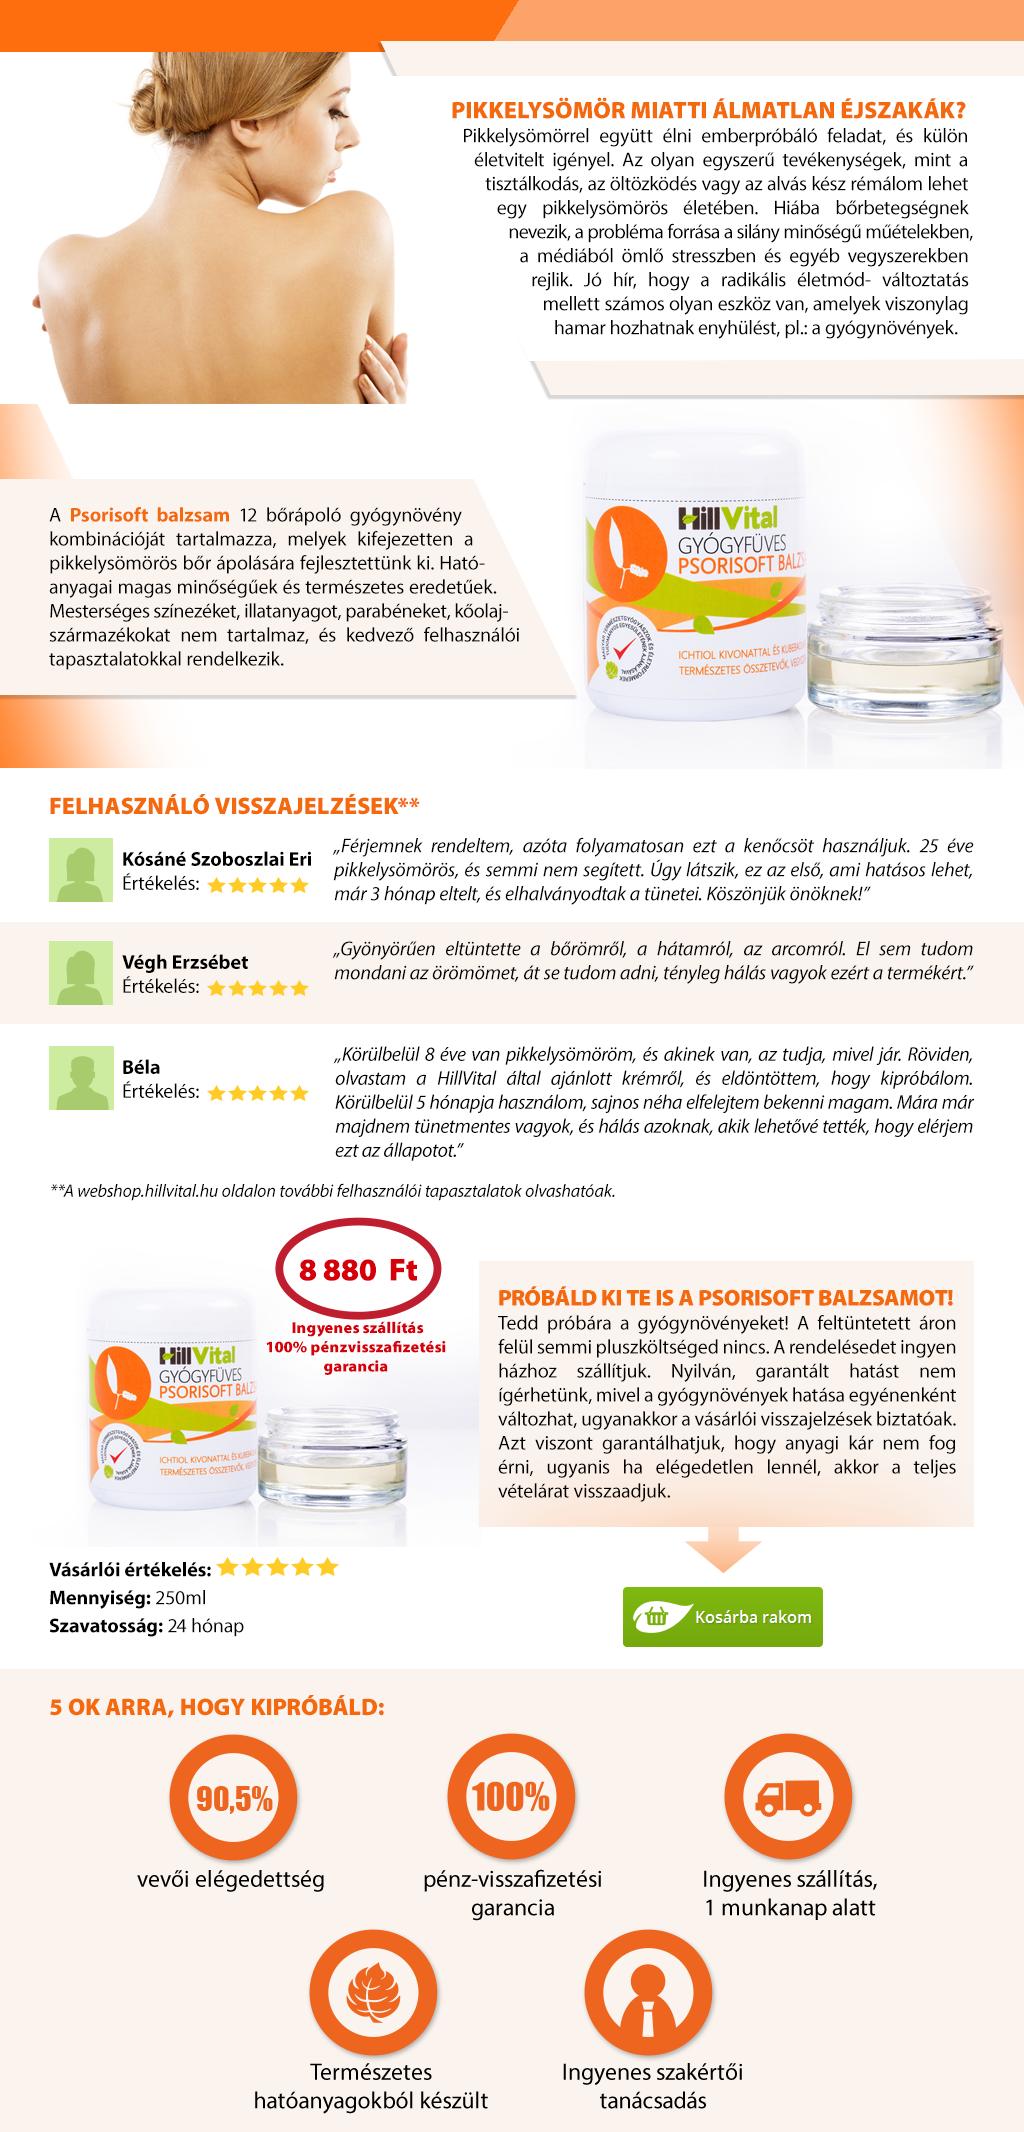 pikkelysömör kezelése injekciókkal és csepegtetőkkel a gyógynövényes pikkelysömör kezelése hatékony